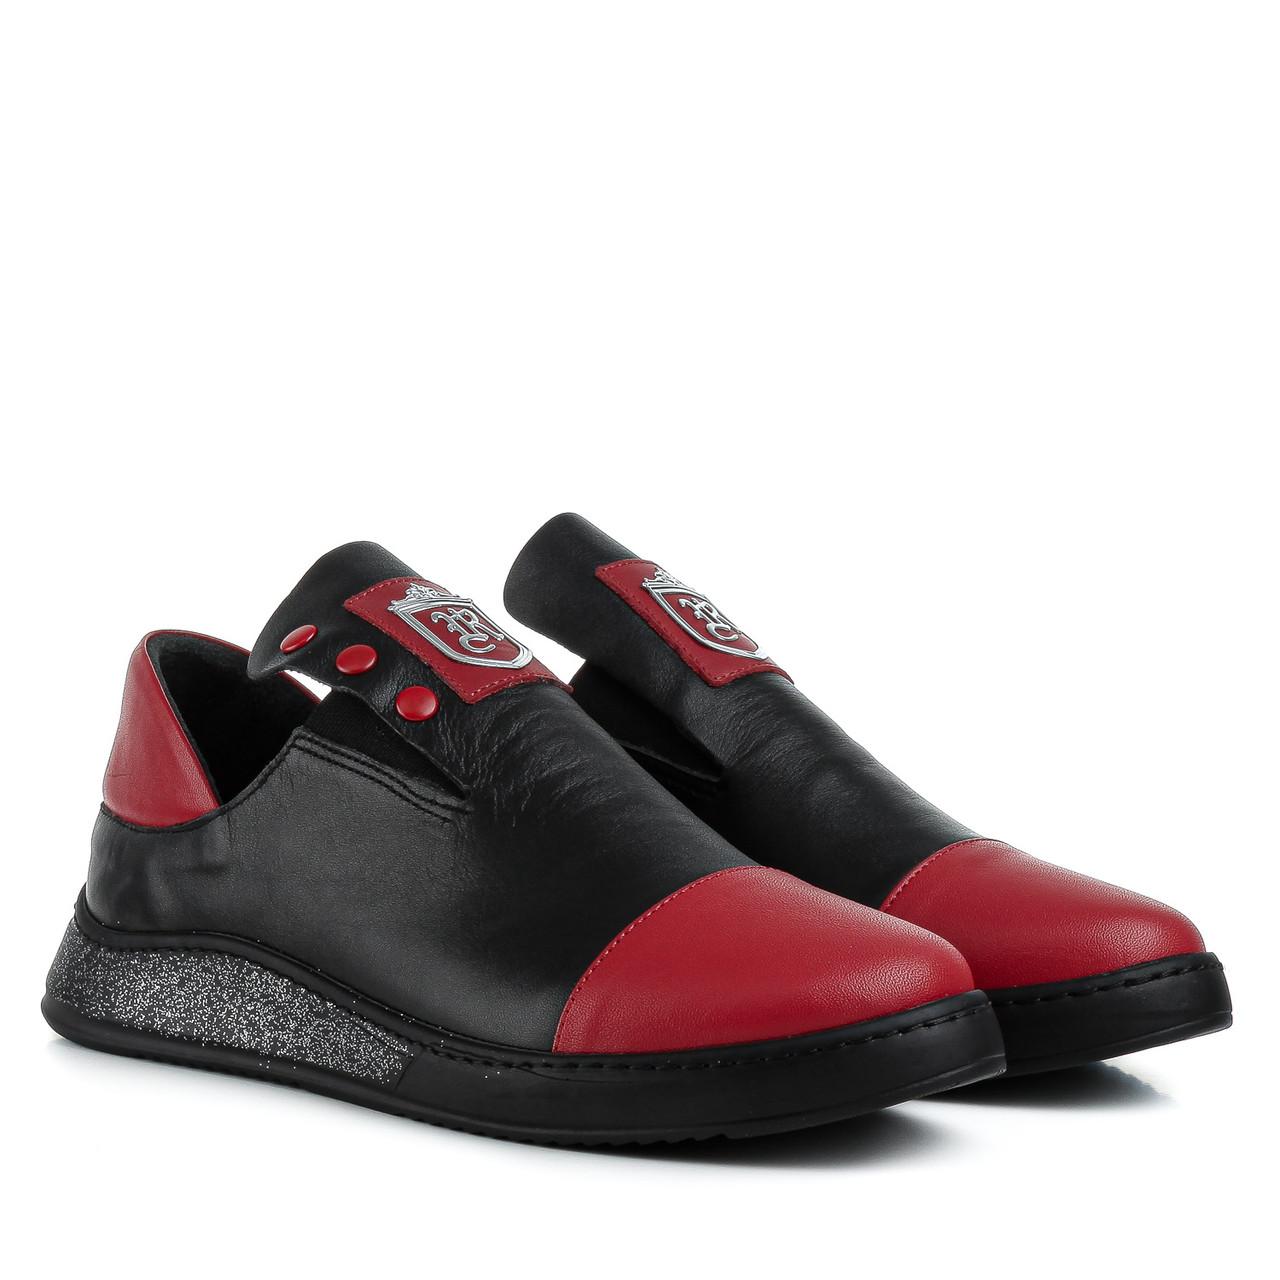 Туфли женские EVROMODA (кожаные, стильные, с красными вставками)